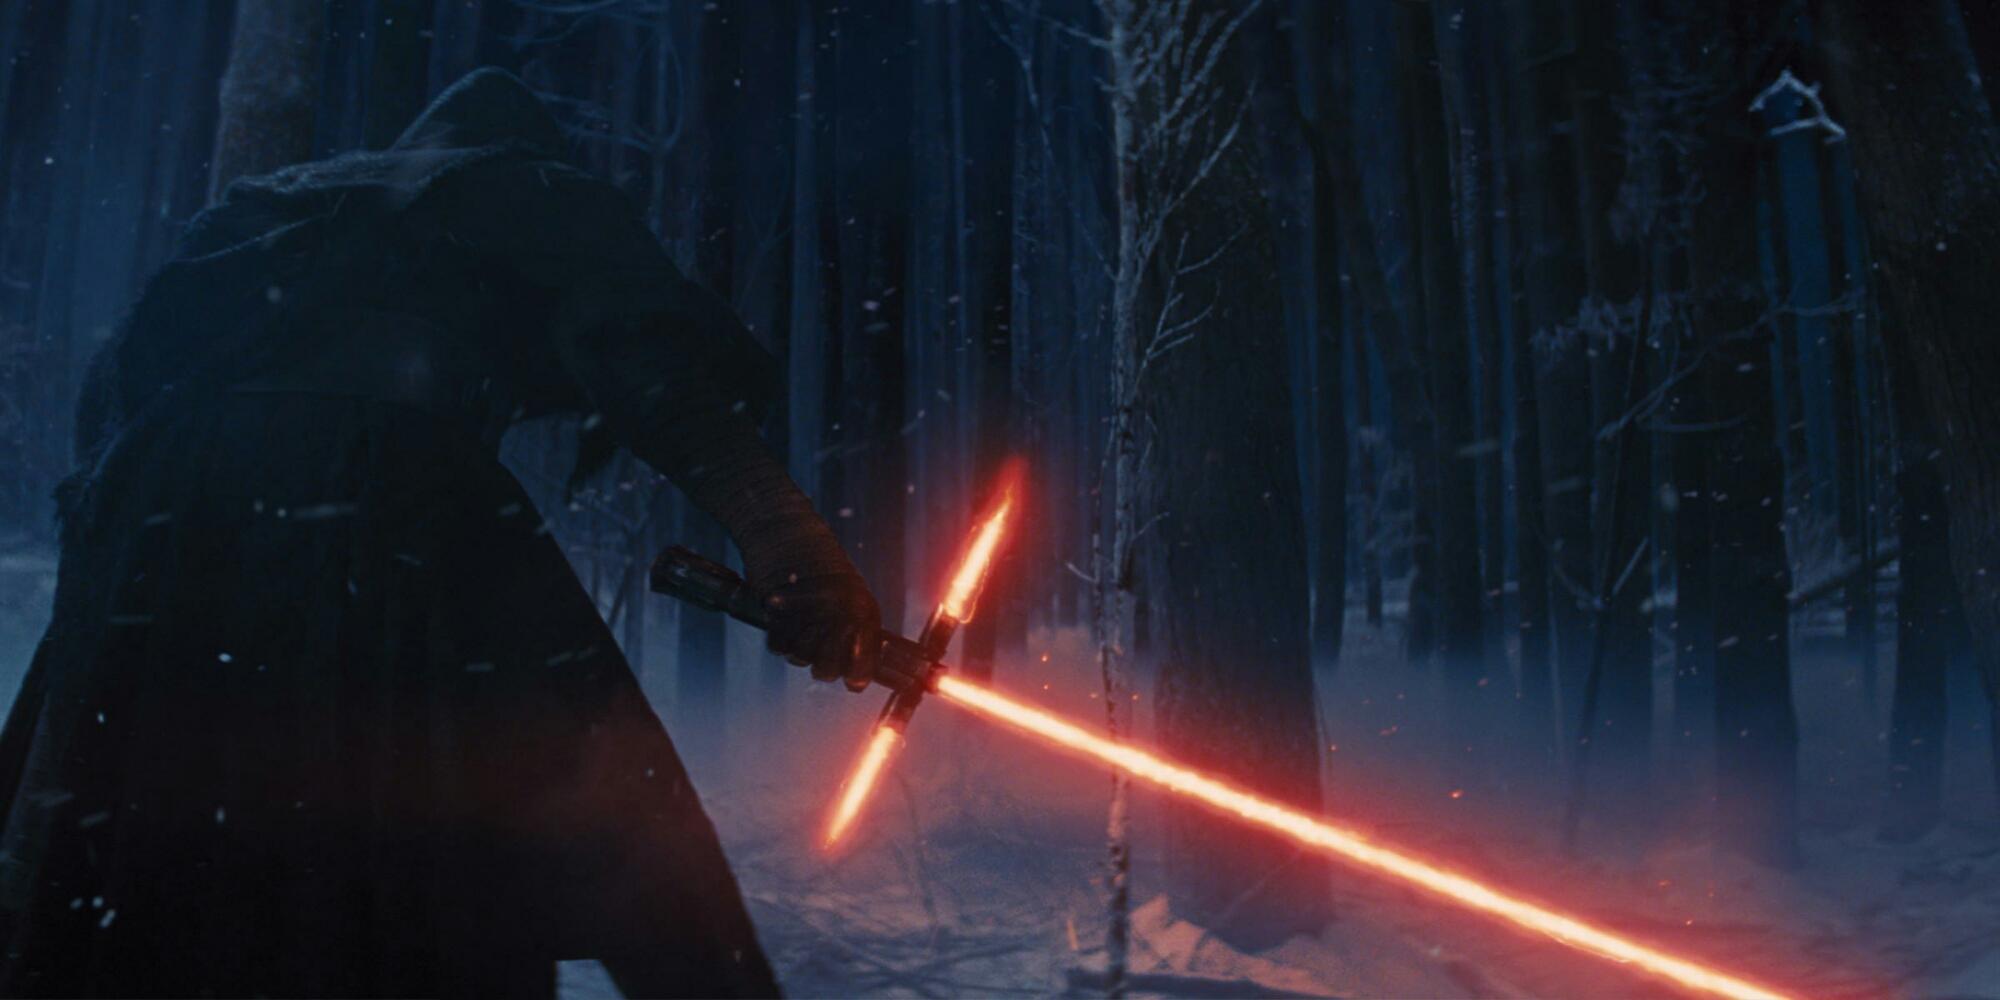 Kylo Ren geht Holz hacken. Auf der Starkiller Base ist es kalt und der Kamin will befeuert werden. © Lucas Film / Disney